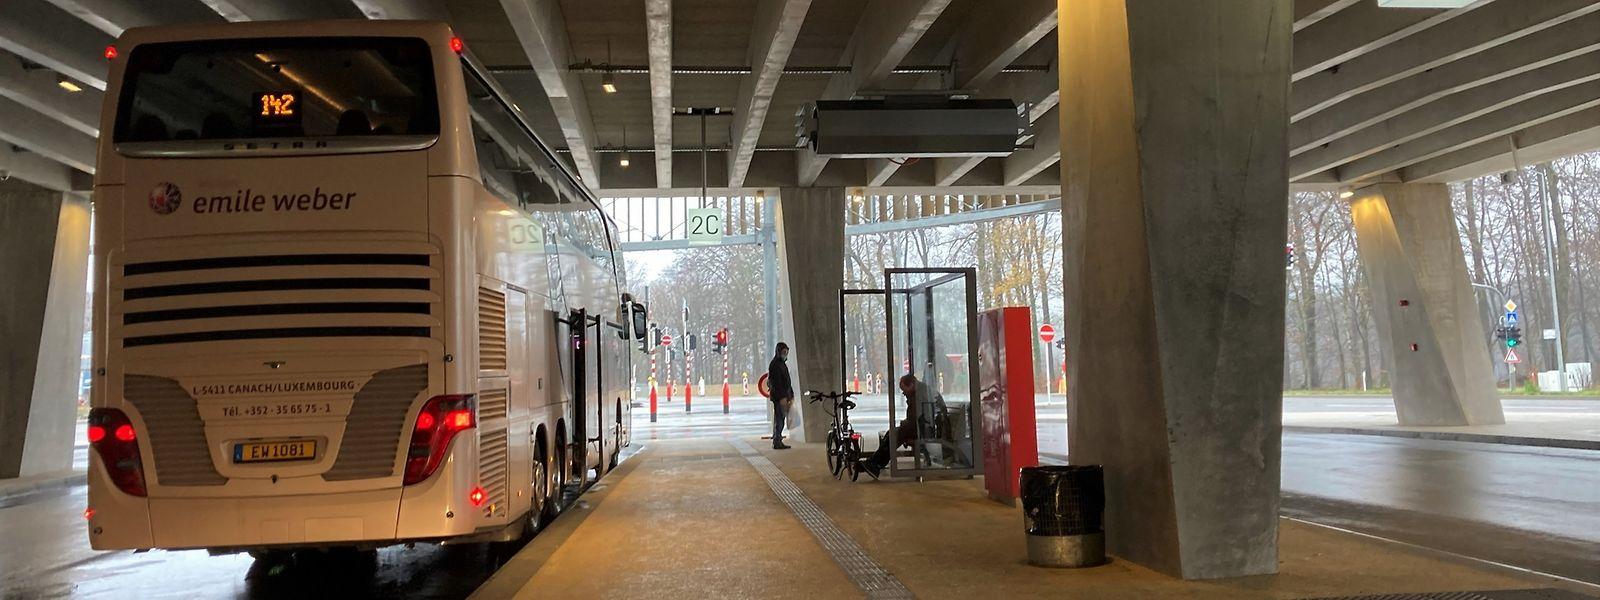 L'installation d'abris en verre permettra aux passagers des bus de ne plus rester frigorifiés dans les courants d'air. Un plus appréciable en cette saison.